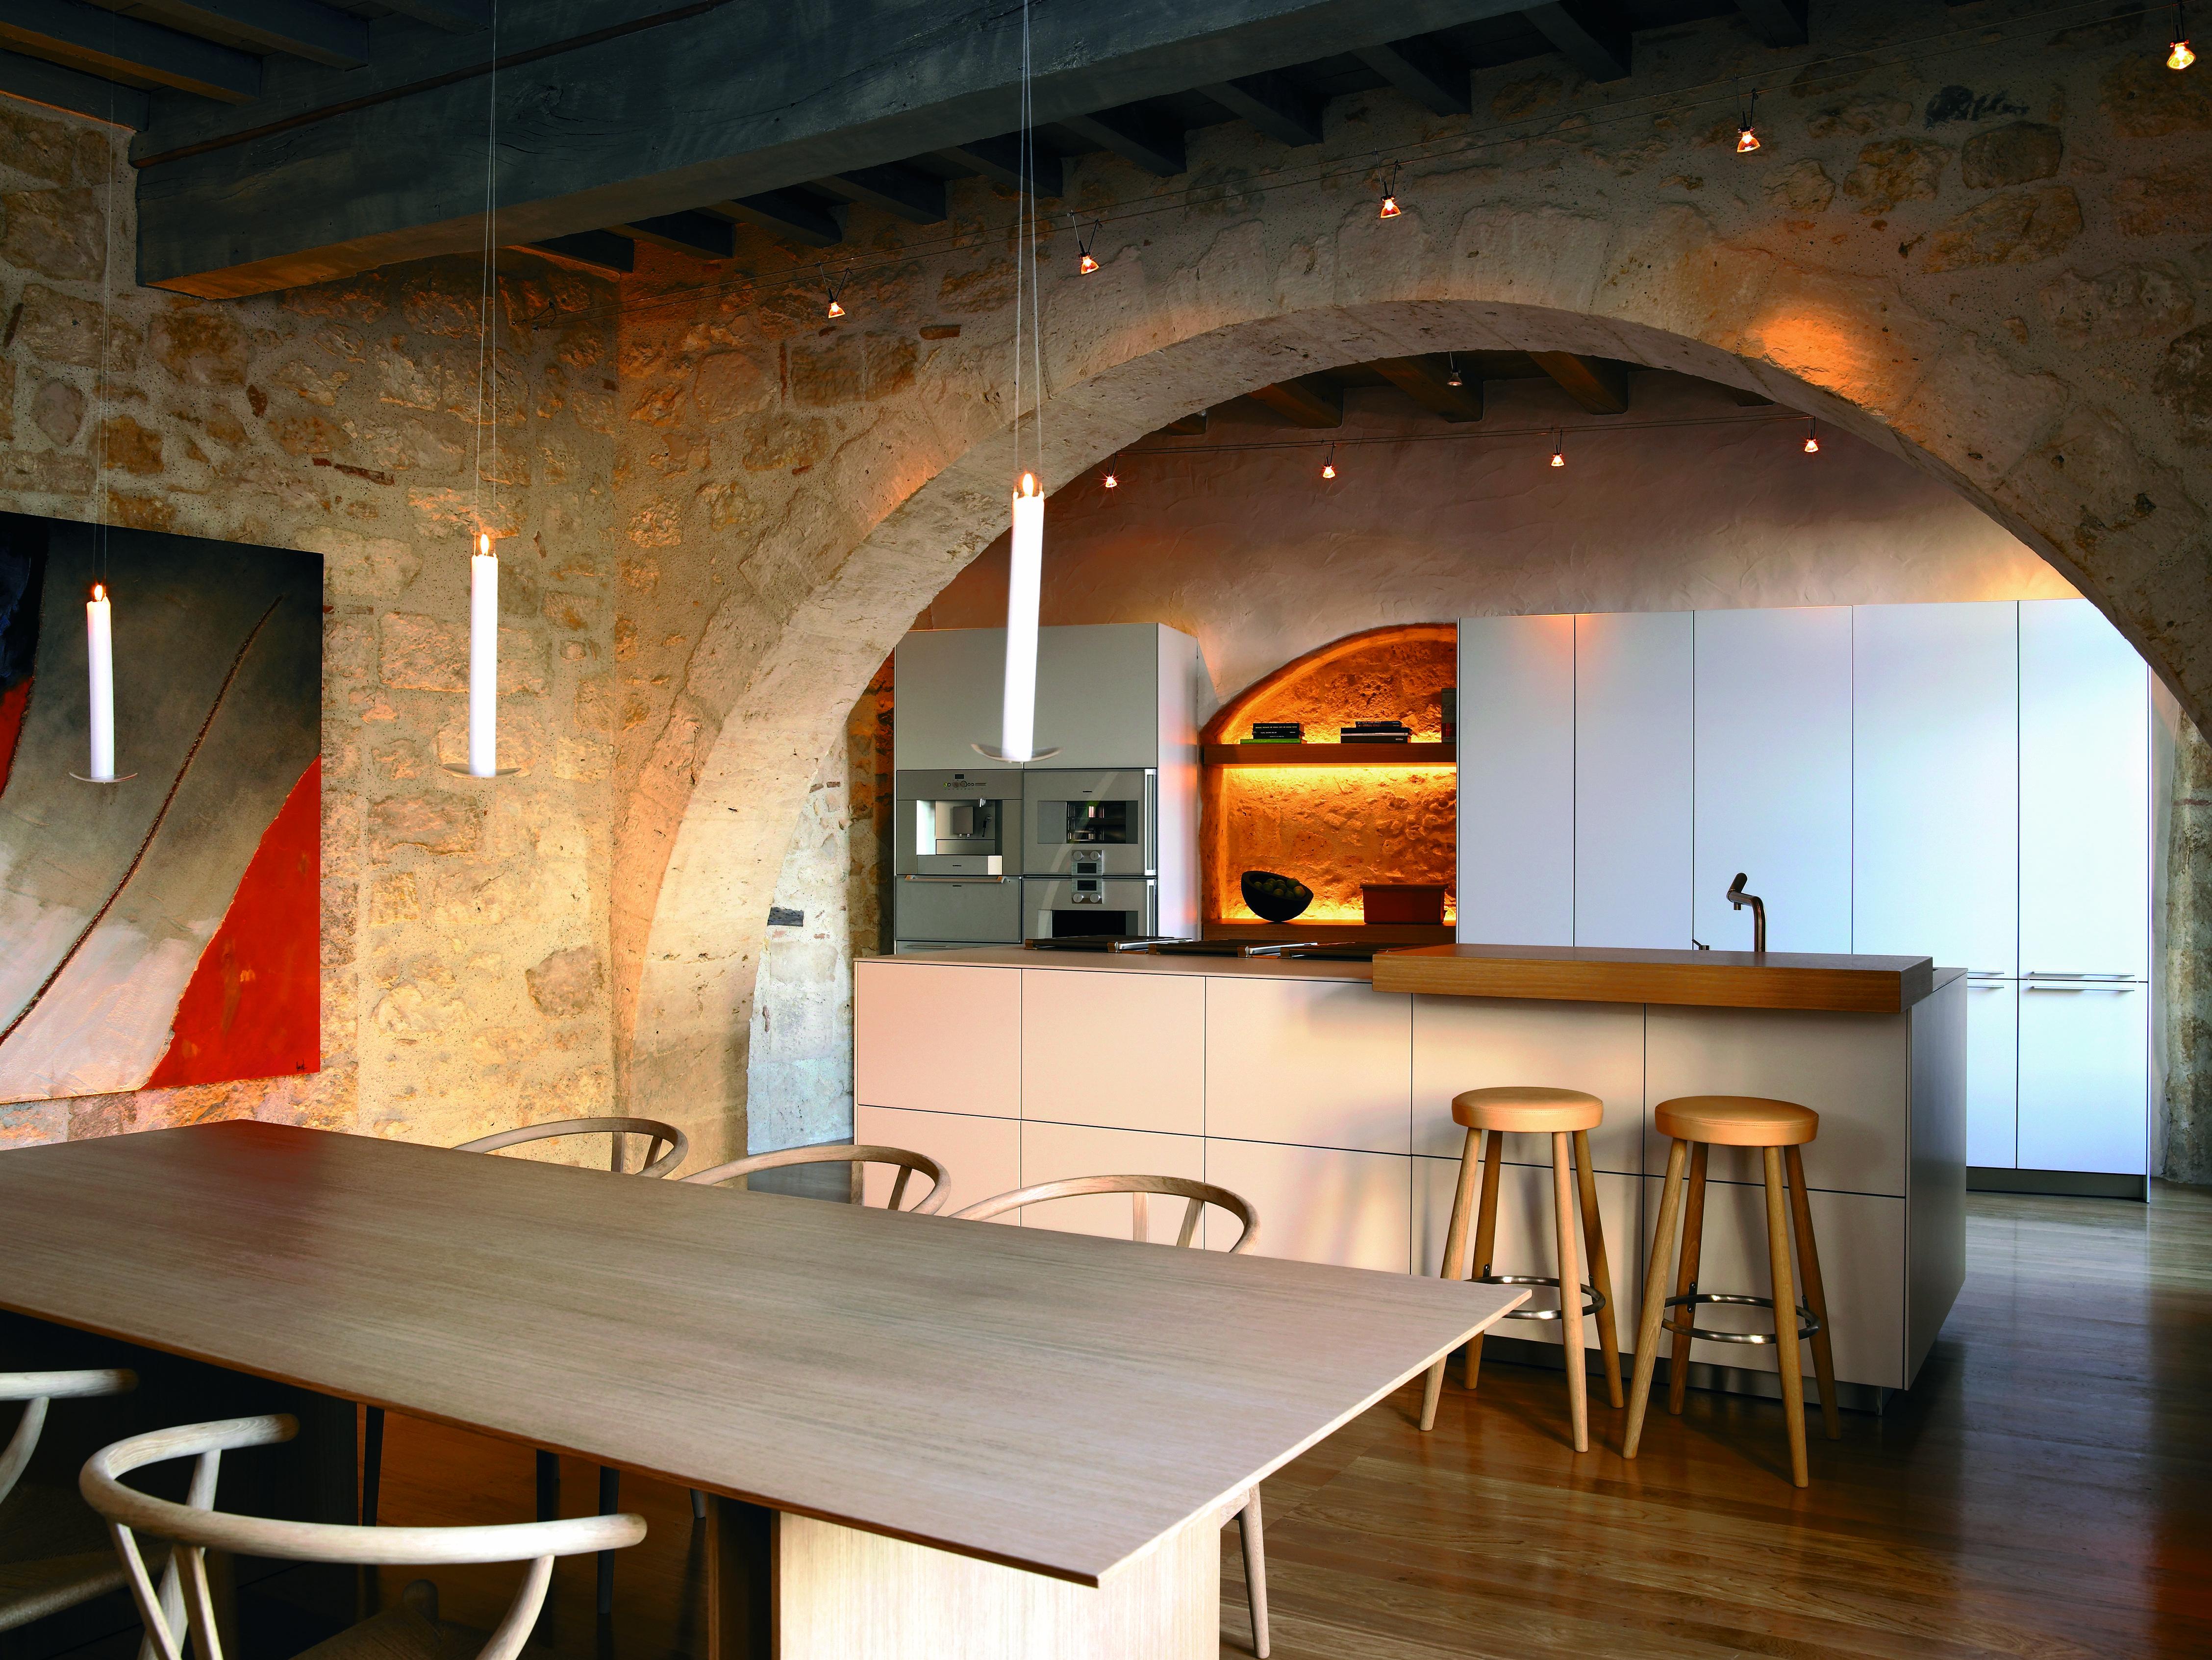 bulthaup b3 keuken in binatie met een c3 tafel op een